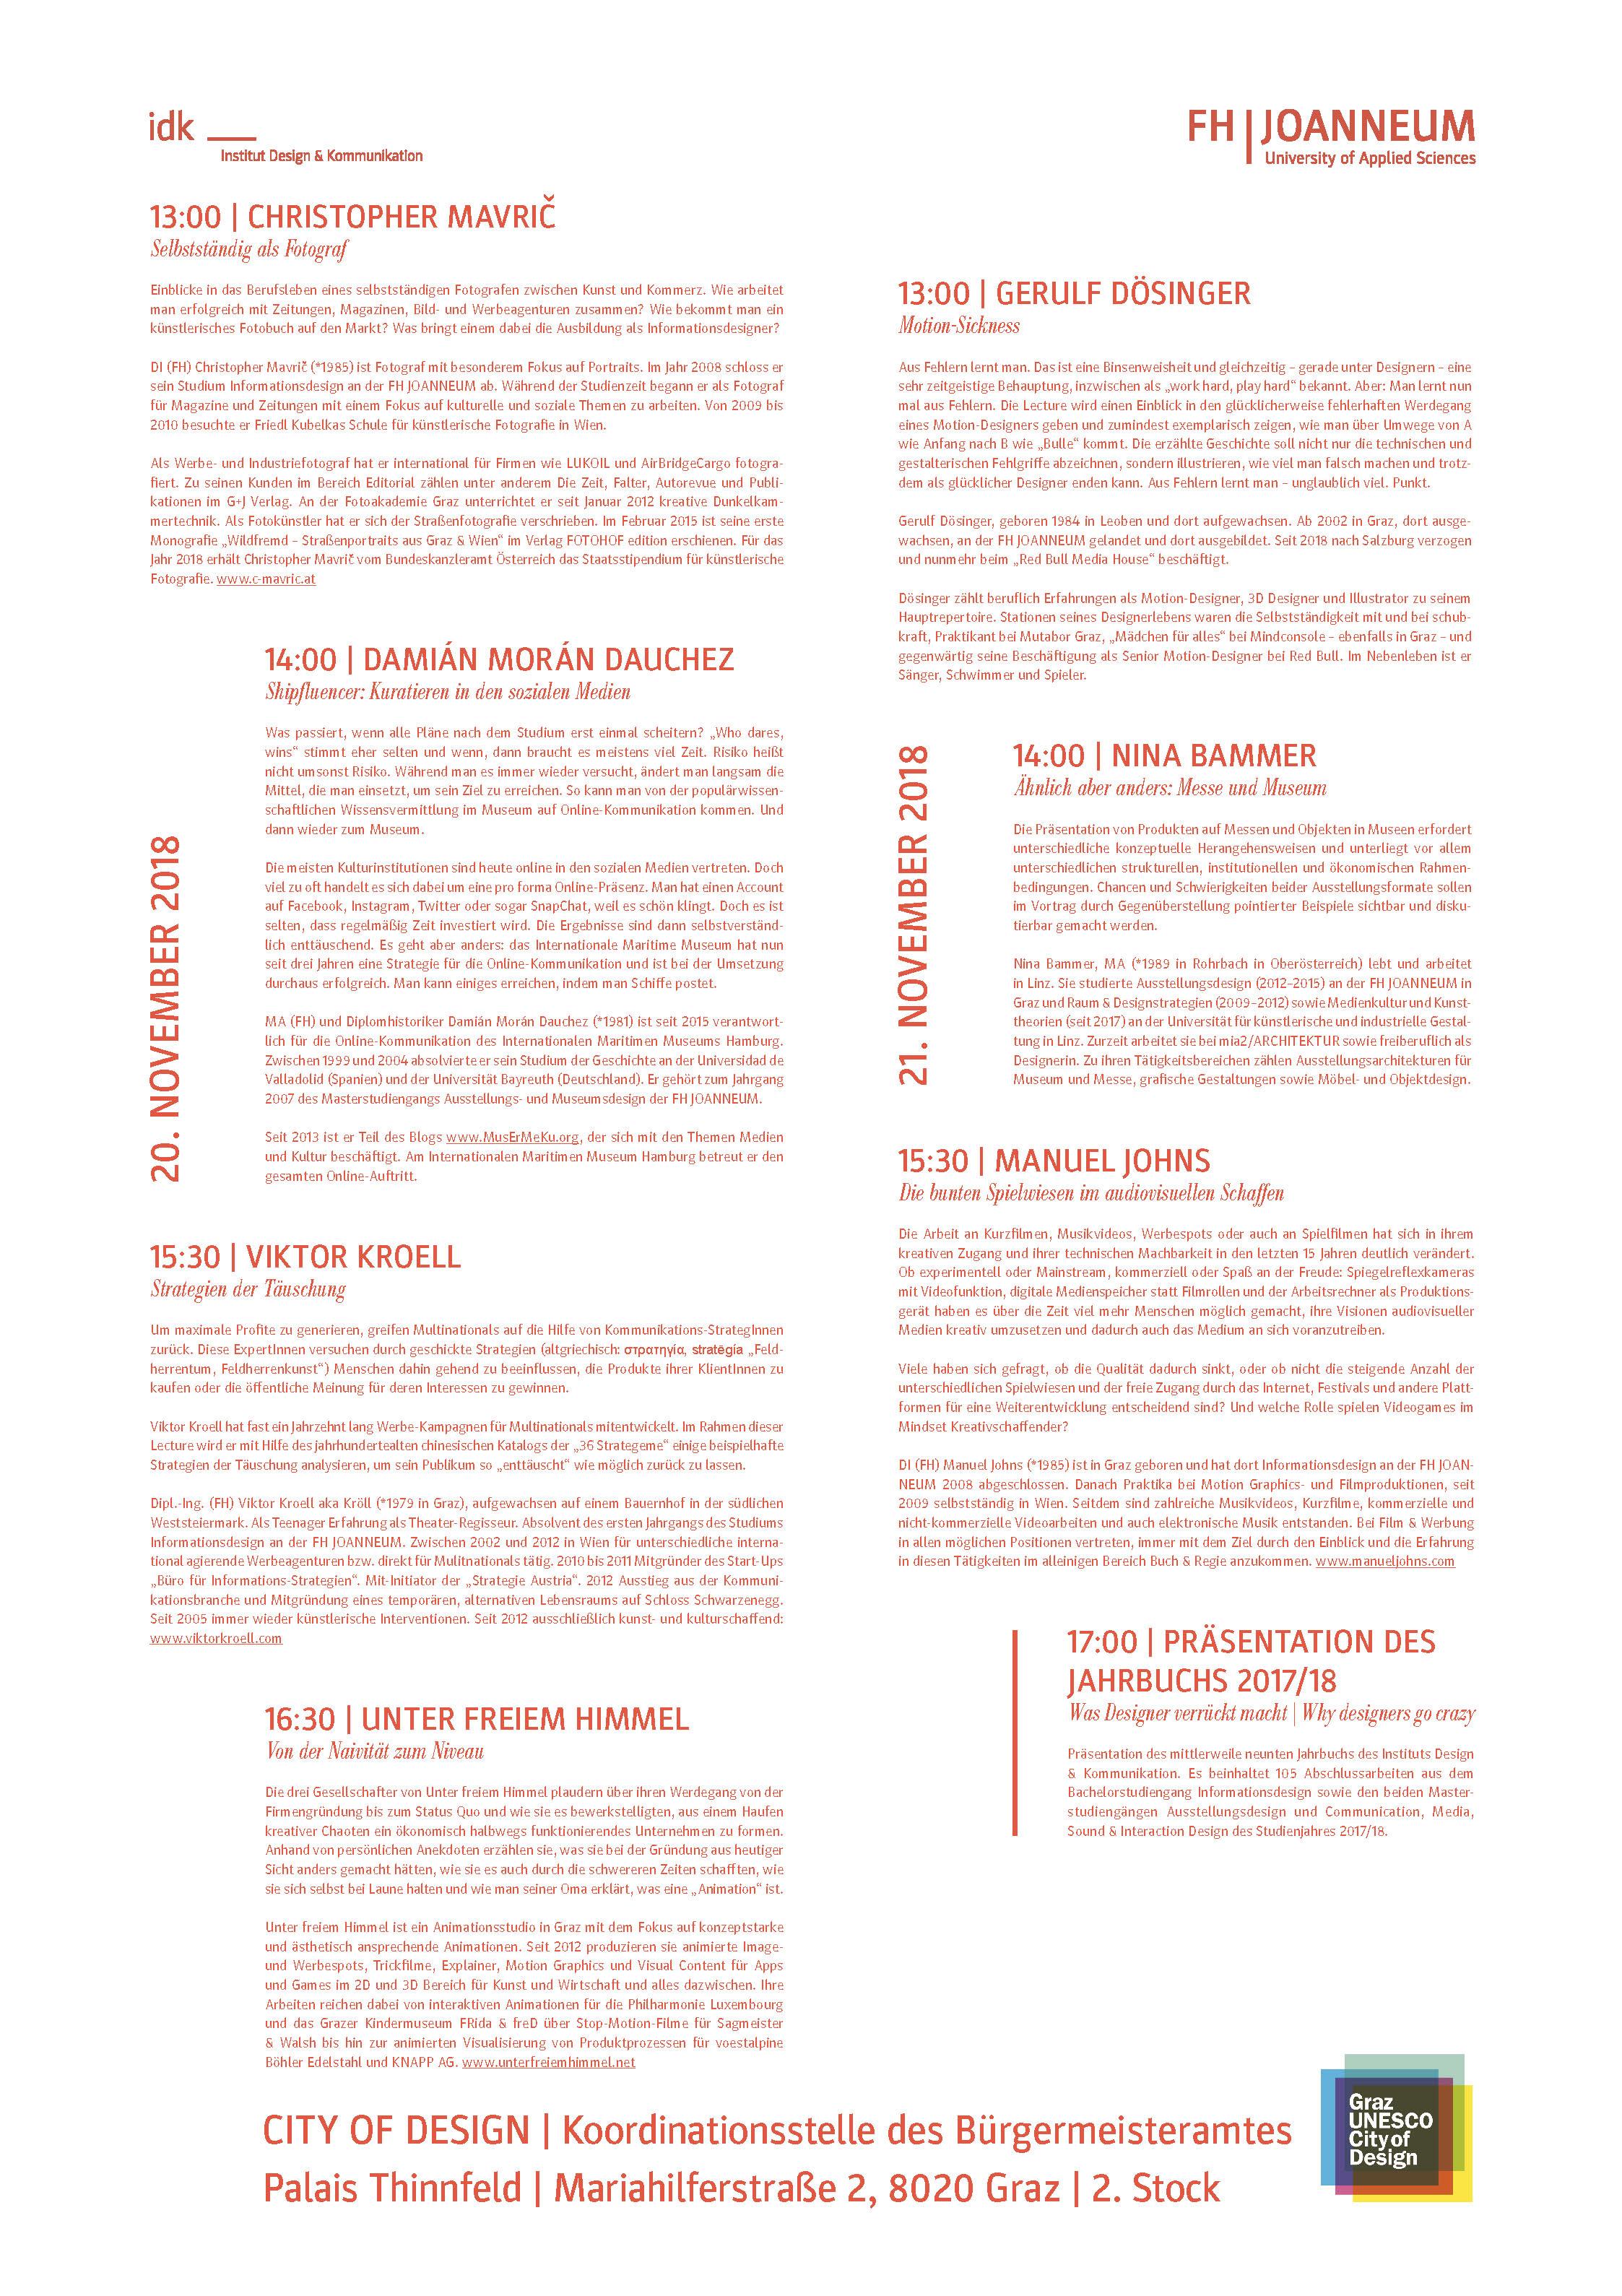 AbsolventInnen-Lecture-Days_Jahrbuchpraesentation_Seite_2